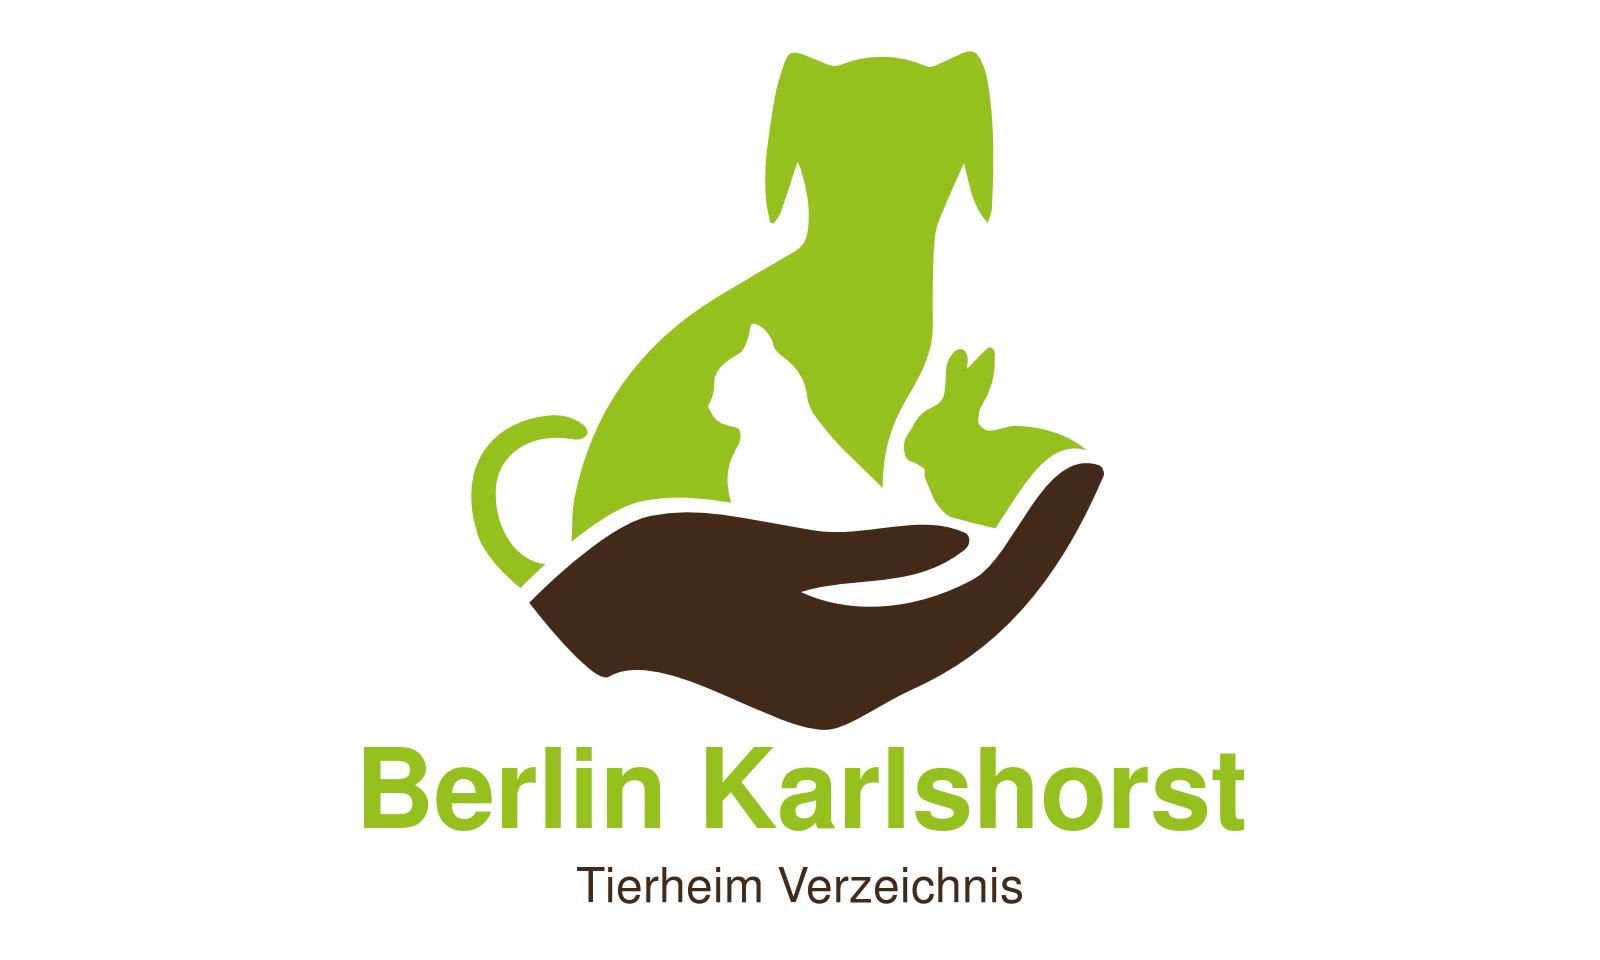 Tierheim Berlin Karlshorst